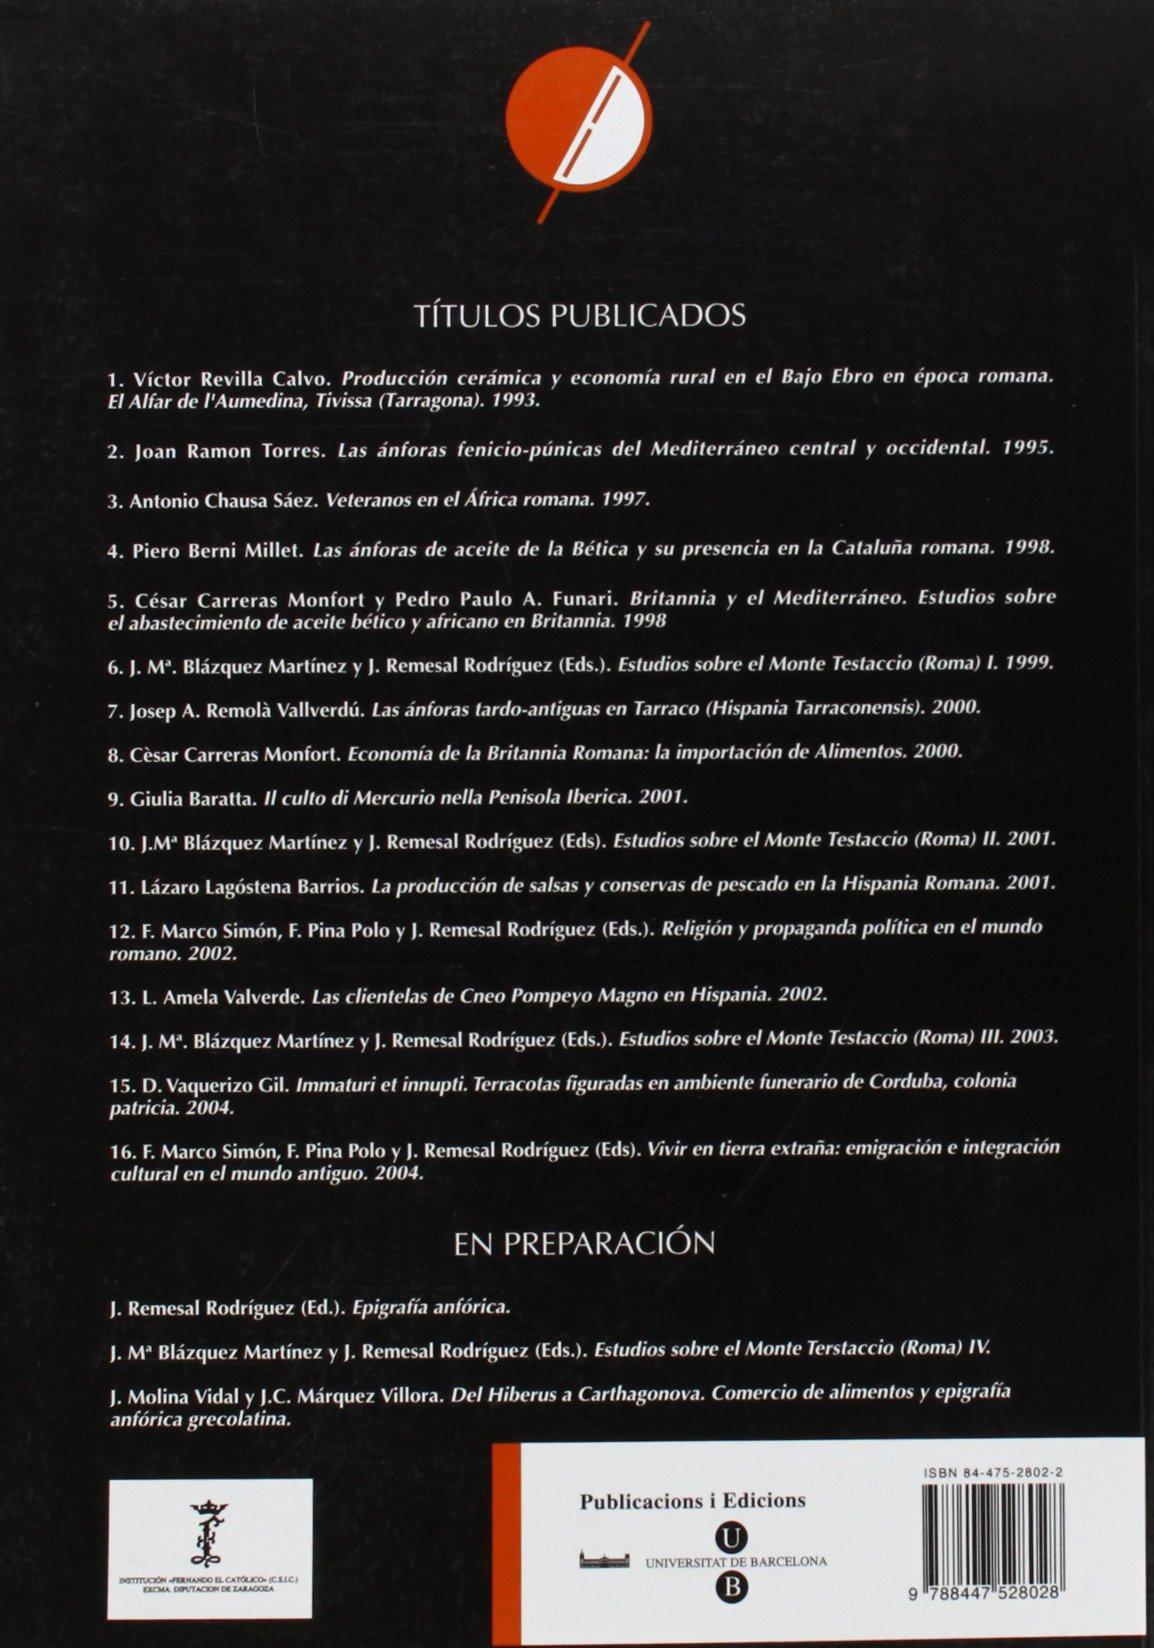 Vivir en tierra extraña: emigración e integración cultural en el mundo antiguo INSTRUMENTA: Amazon.es: Francisco Marco Simón, José Remesal Rodríguez: Libros